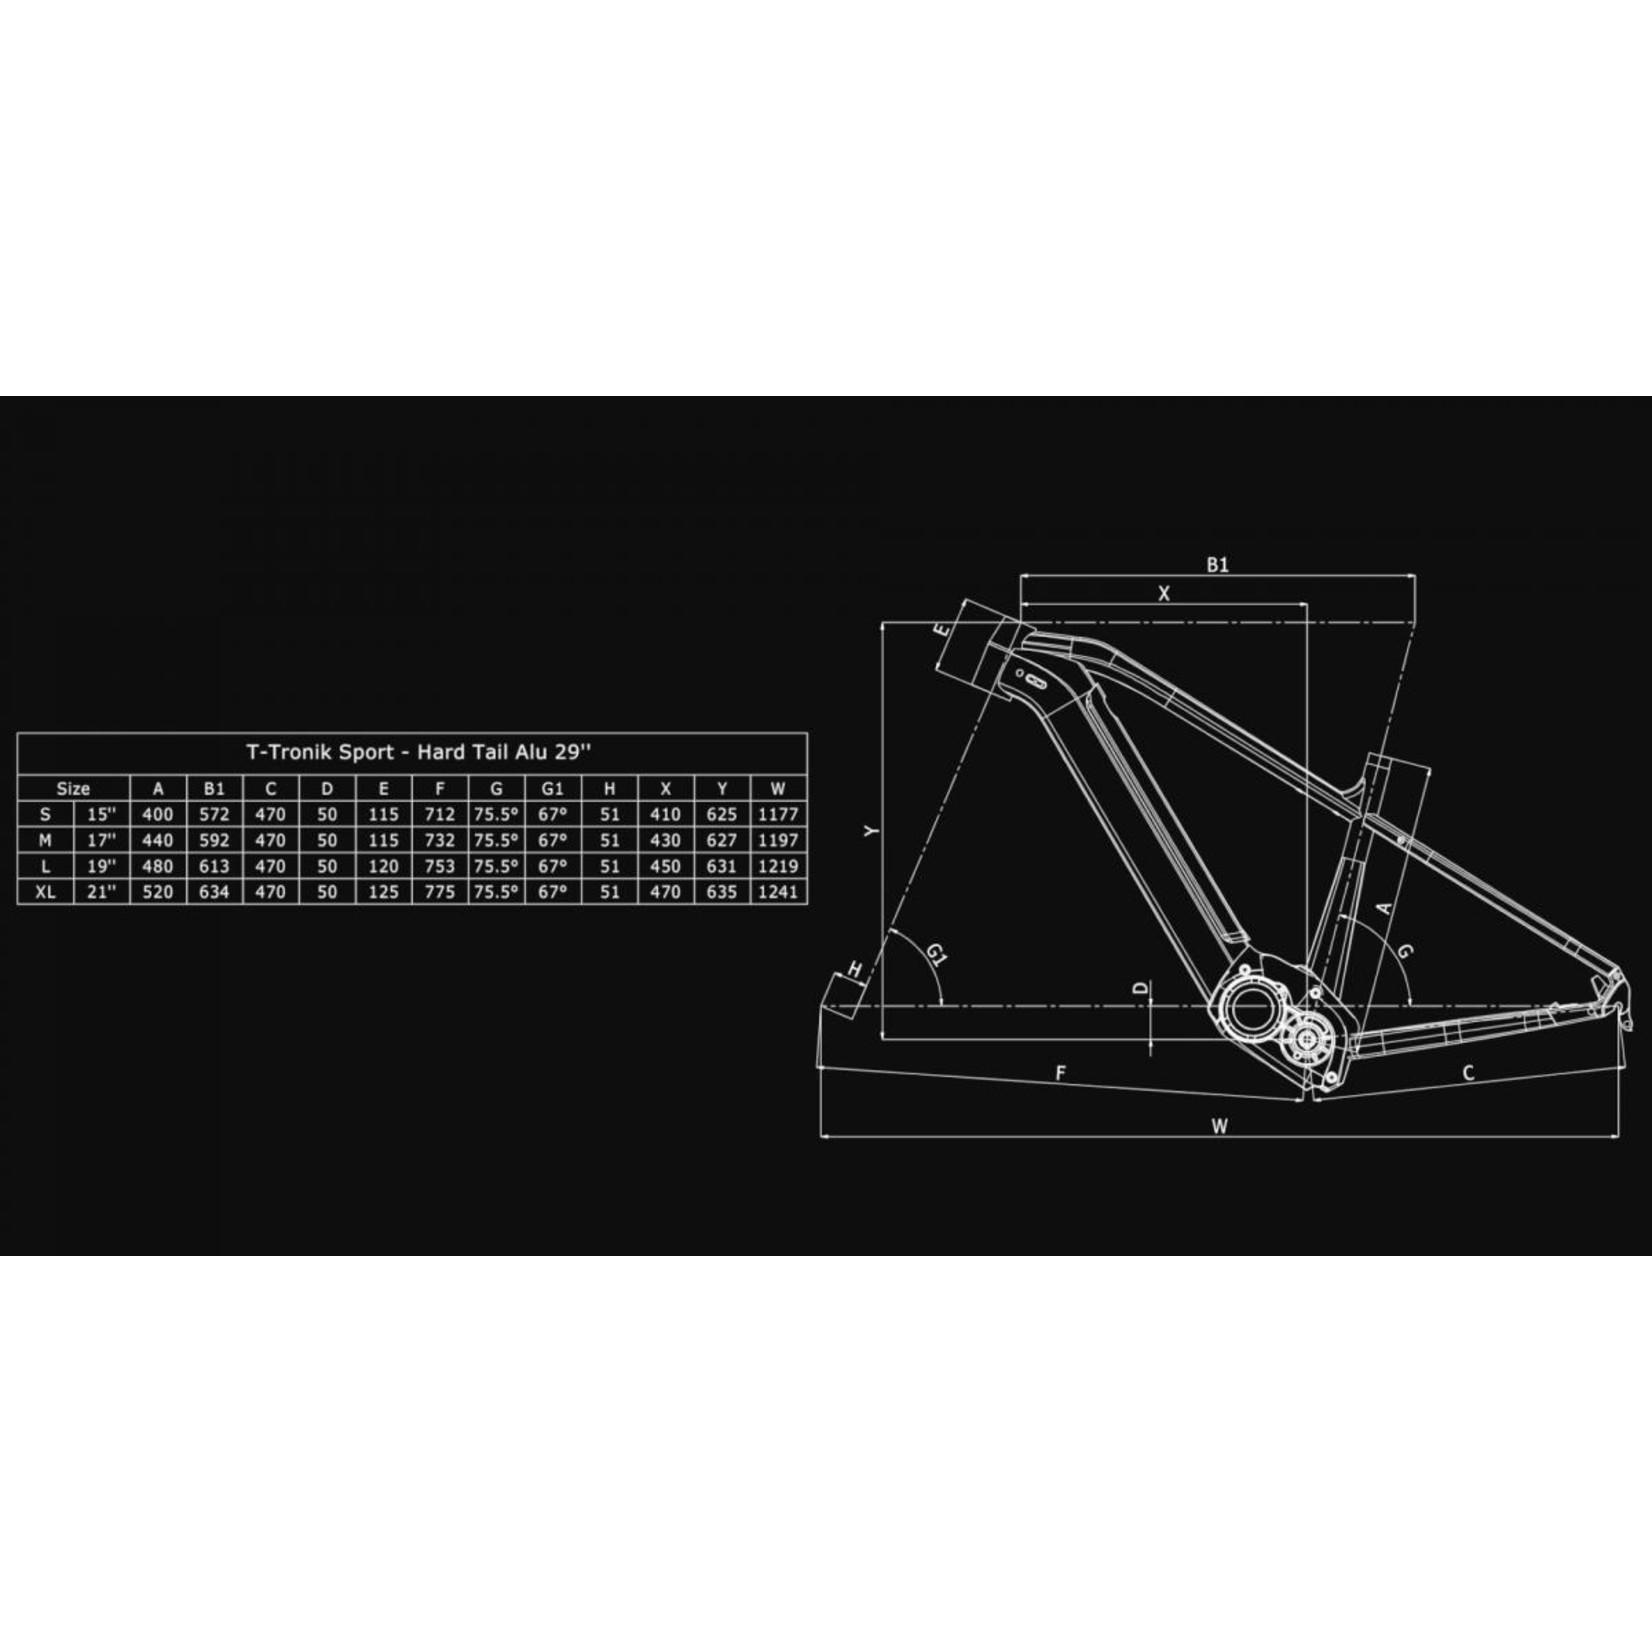 Bianchi BIANCHI T-TRONIK SPORT 9.1 SX 12